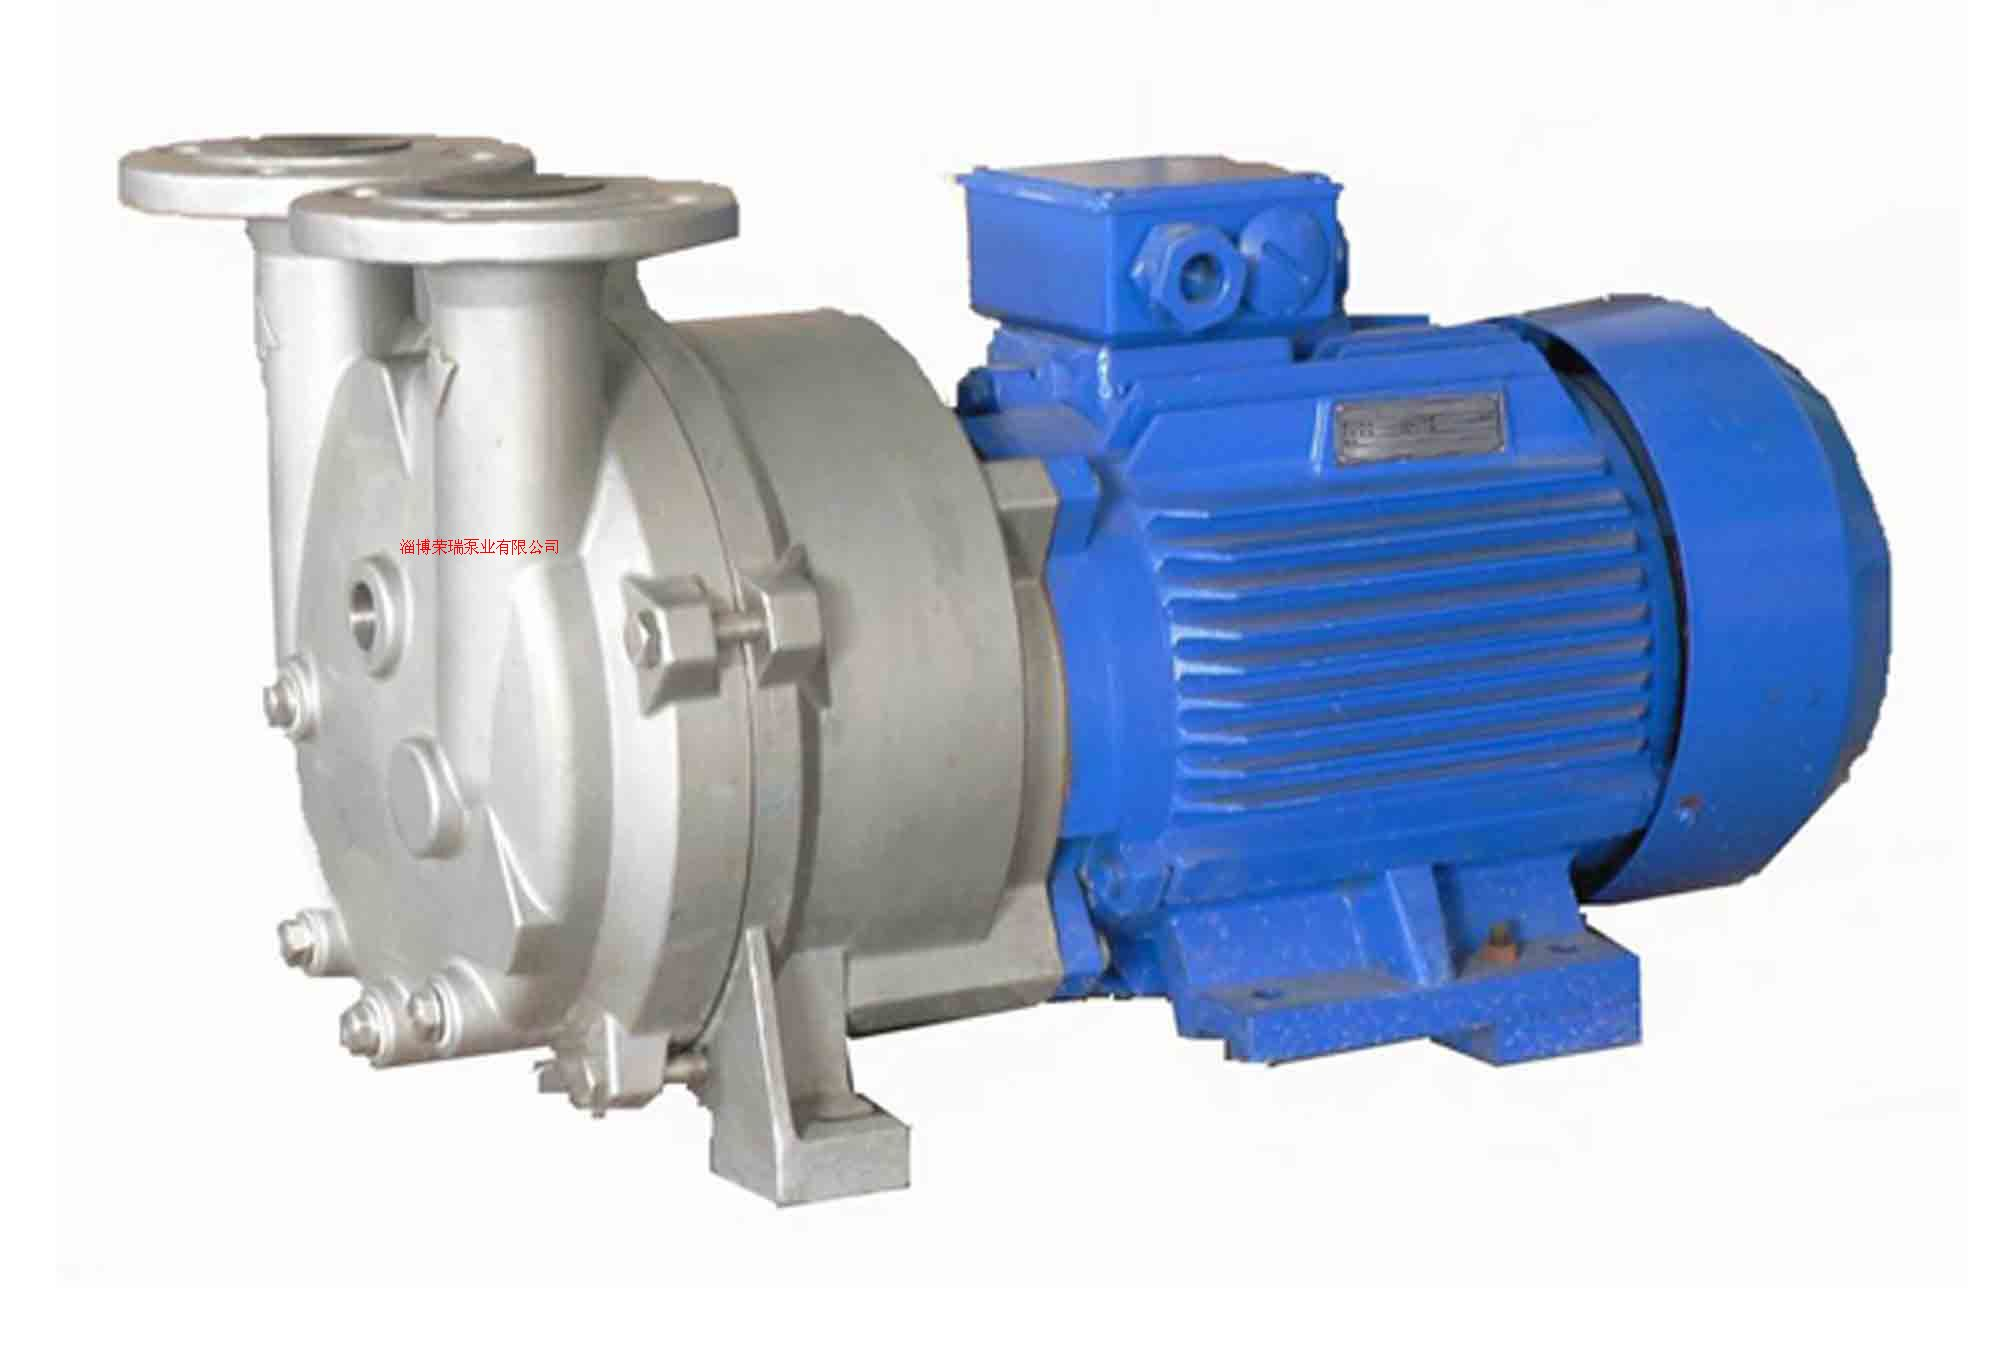 納西姆2BV不銹鋼真空泵及配件